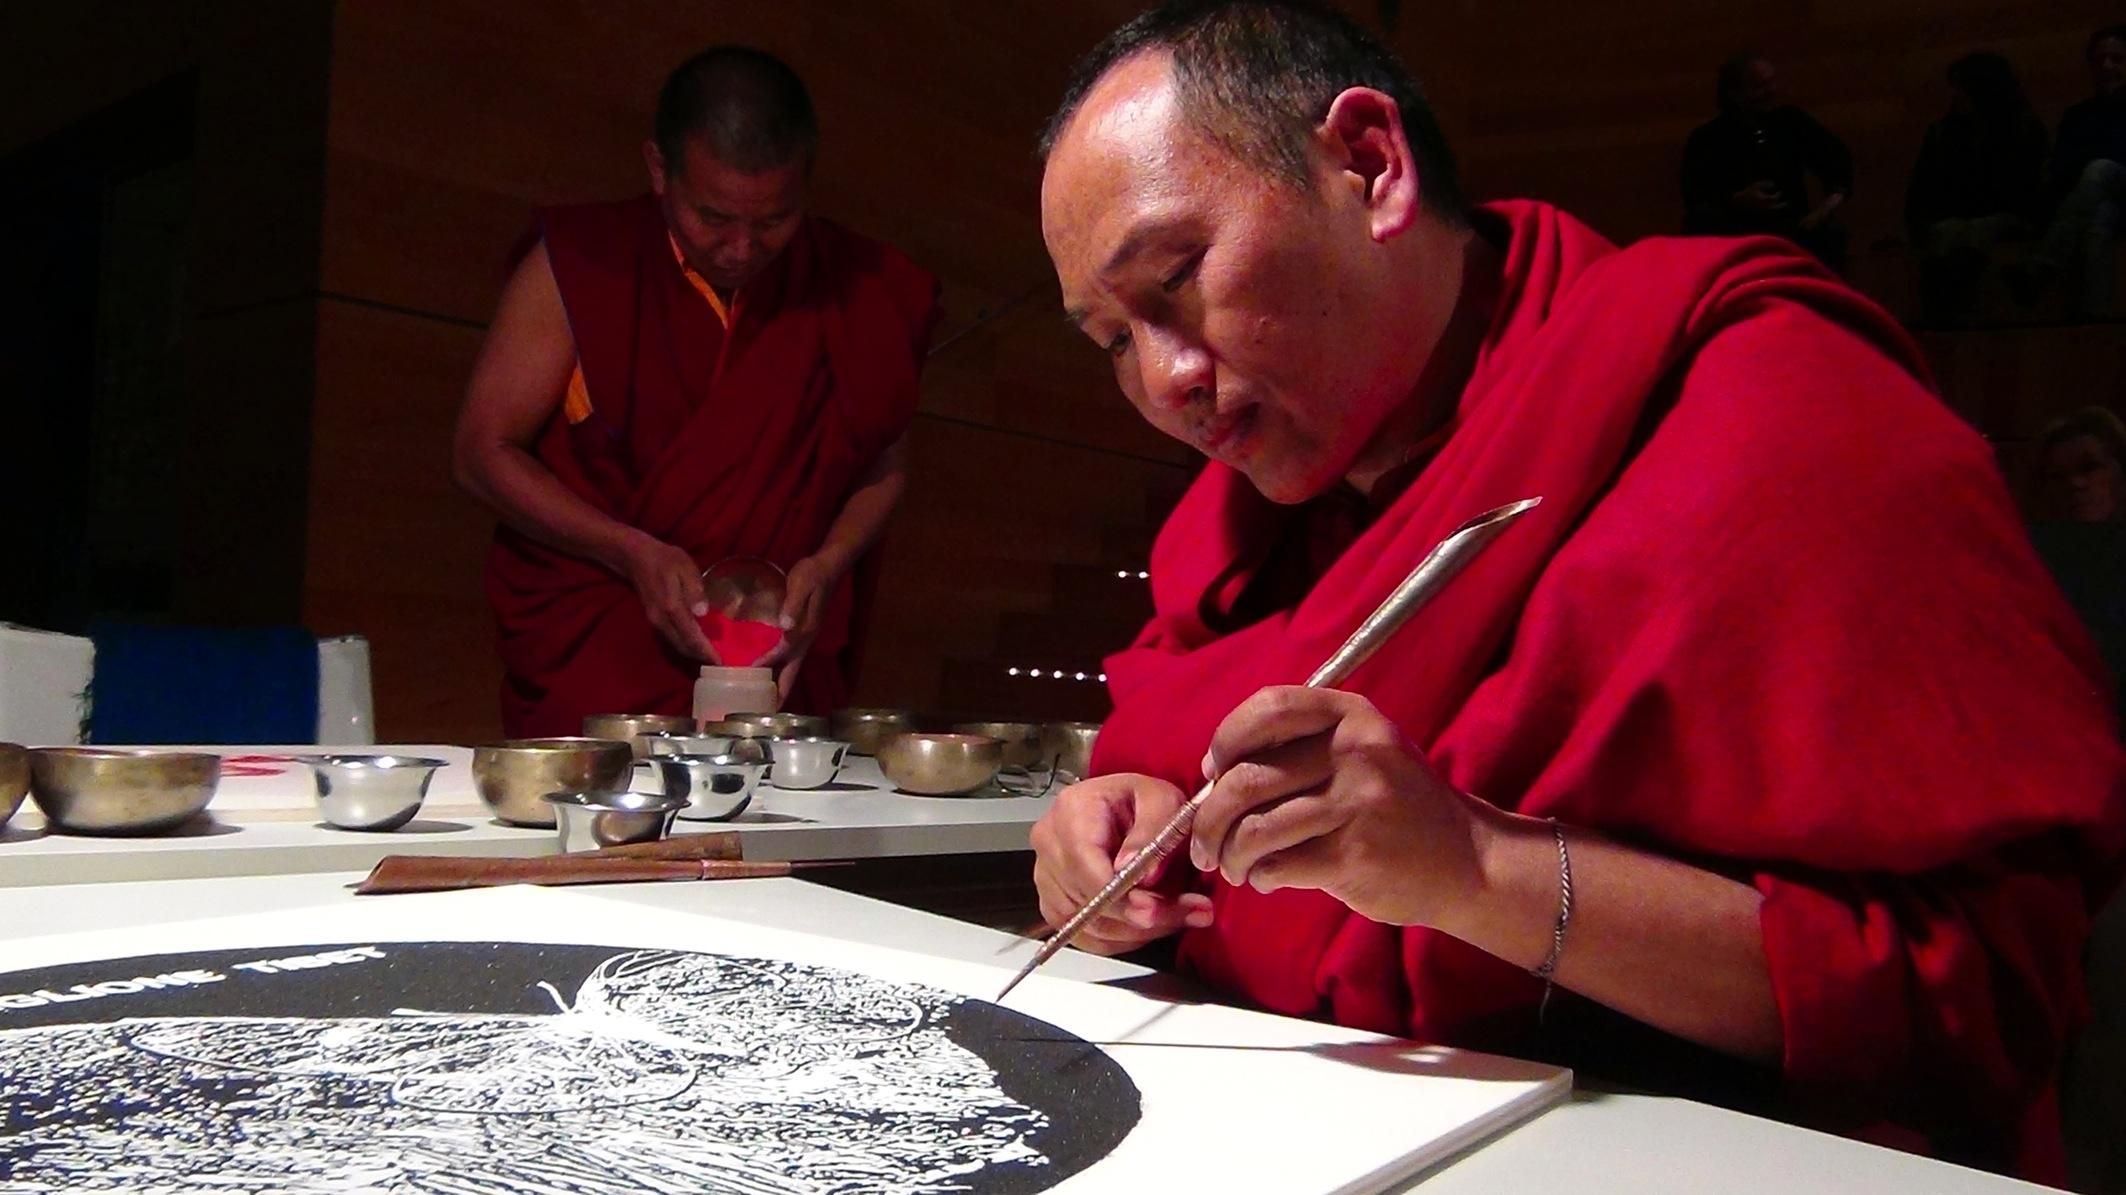 Padiglione Tibet, Monaci che stanno realizzando un mandala, Santa Marta Congressi - Spazio Porto, Venezia Foto Ruggero Maggi